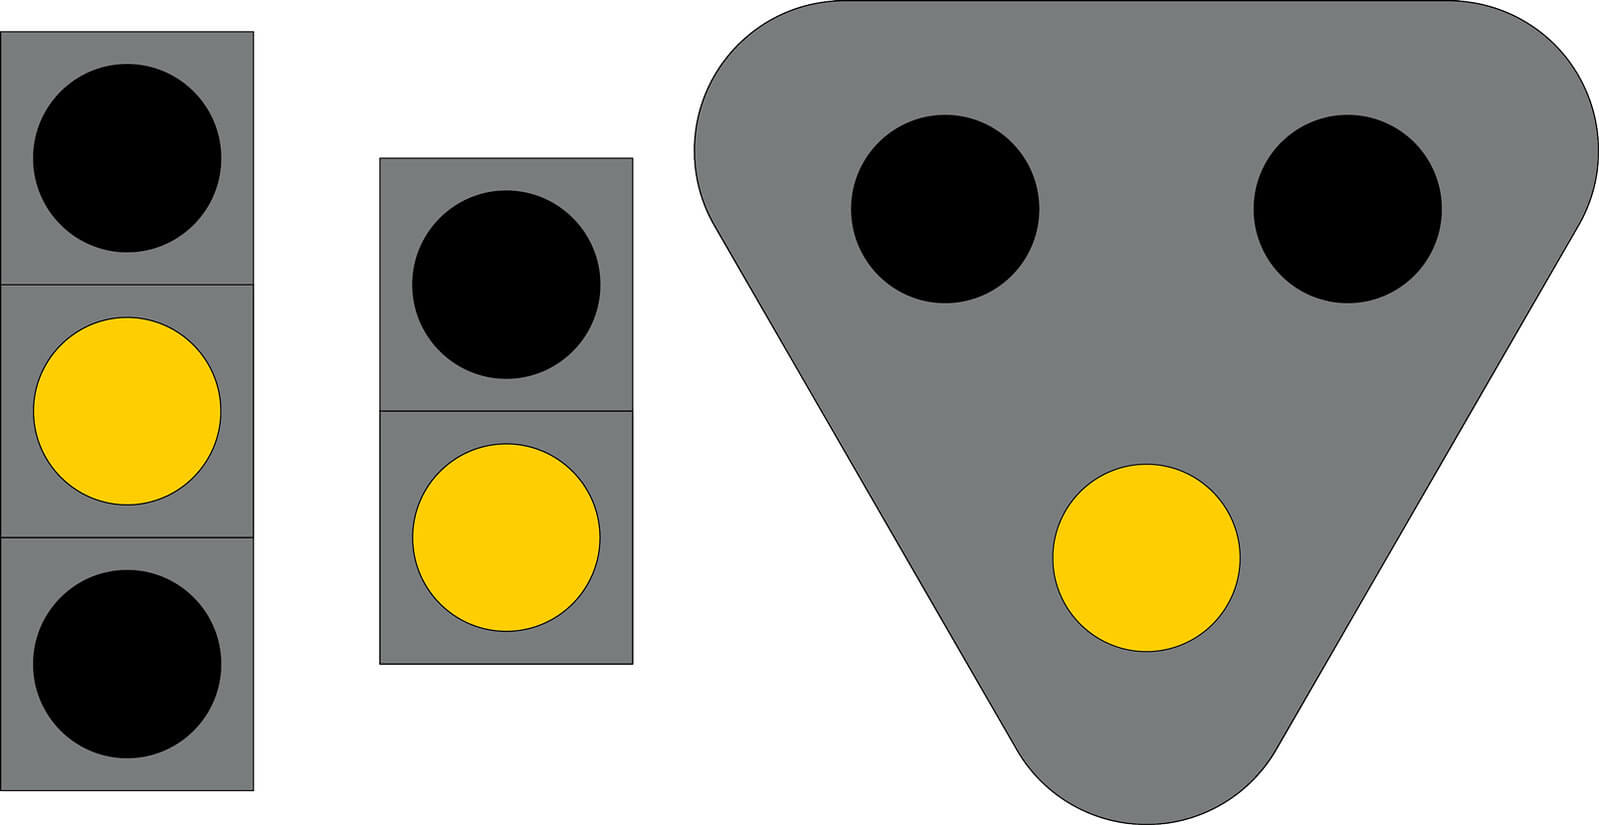 Liikennevalo-opastin 3:Kiinteä keltainen valo